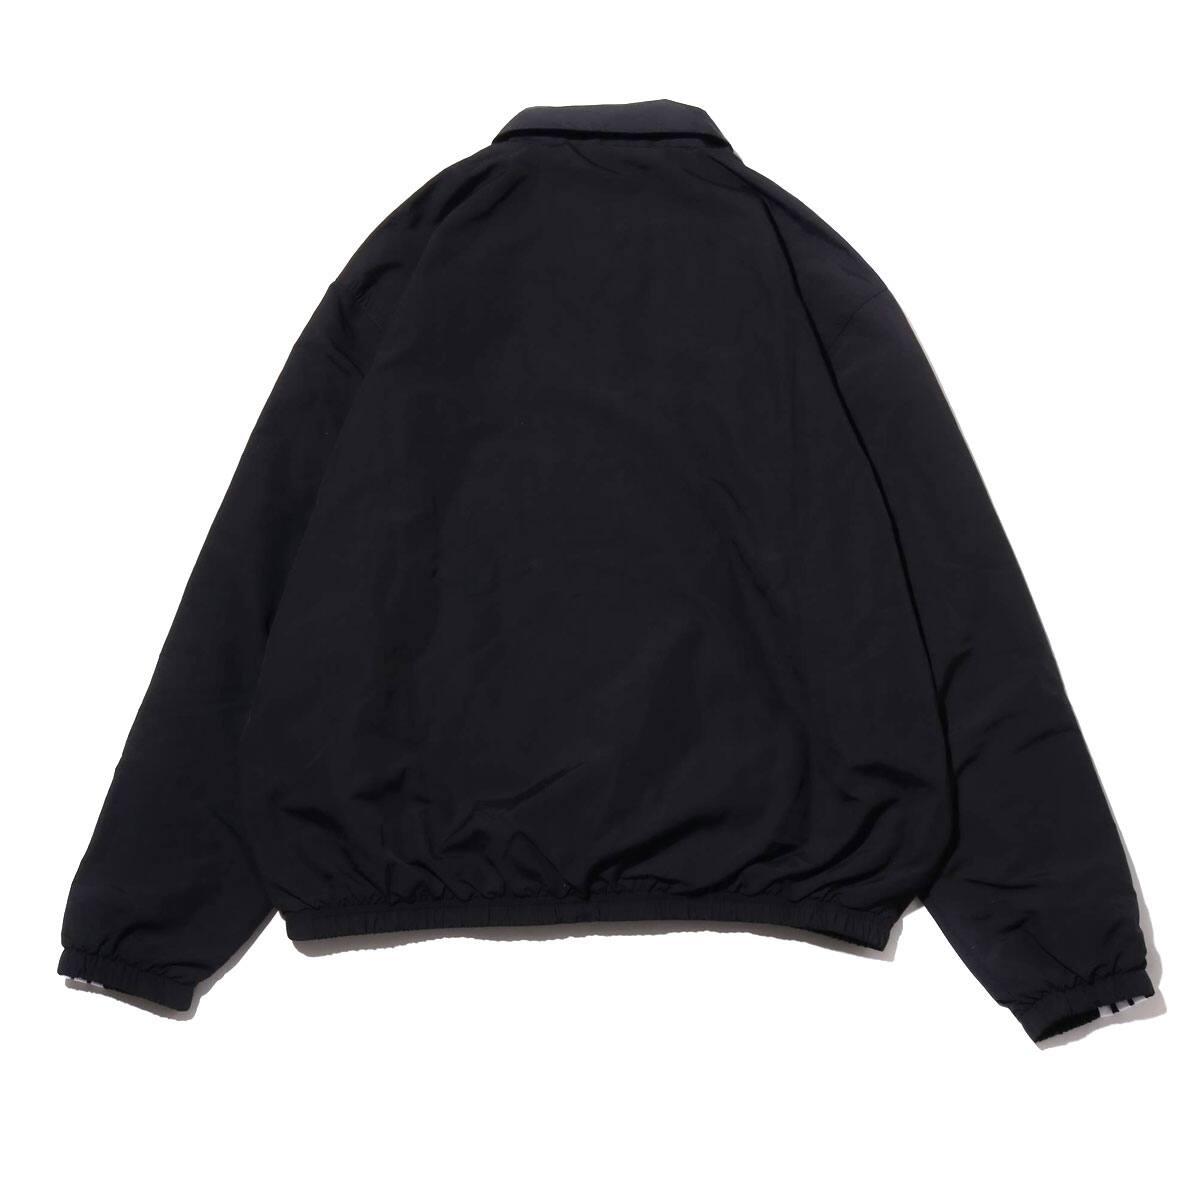 """""""adidas TREFOIL COACH JACKET BLACK/WHITE 19FW-I""""_photo_2"""